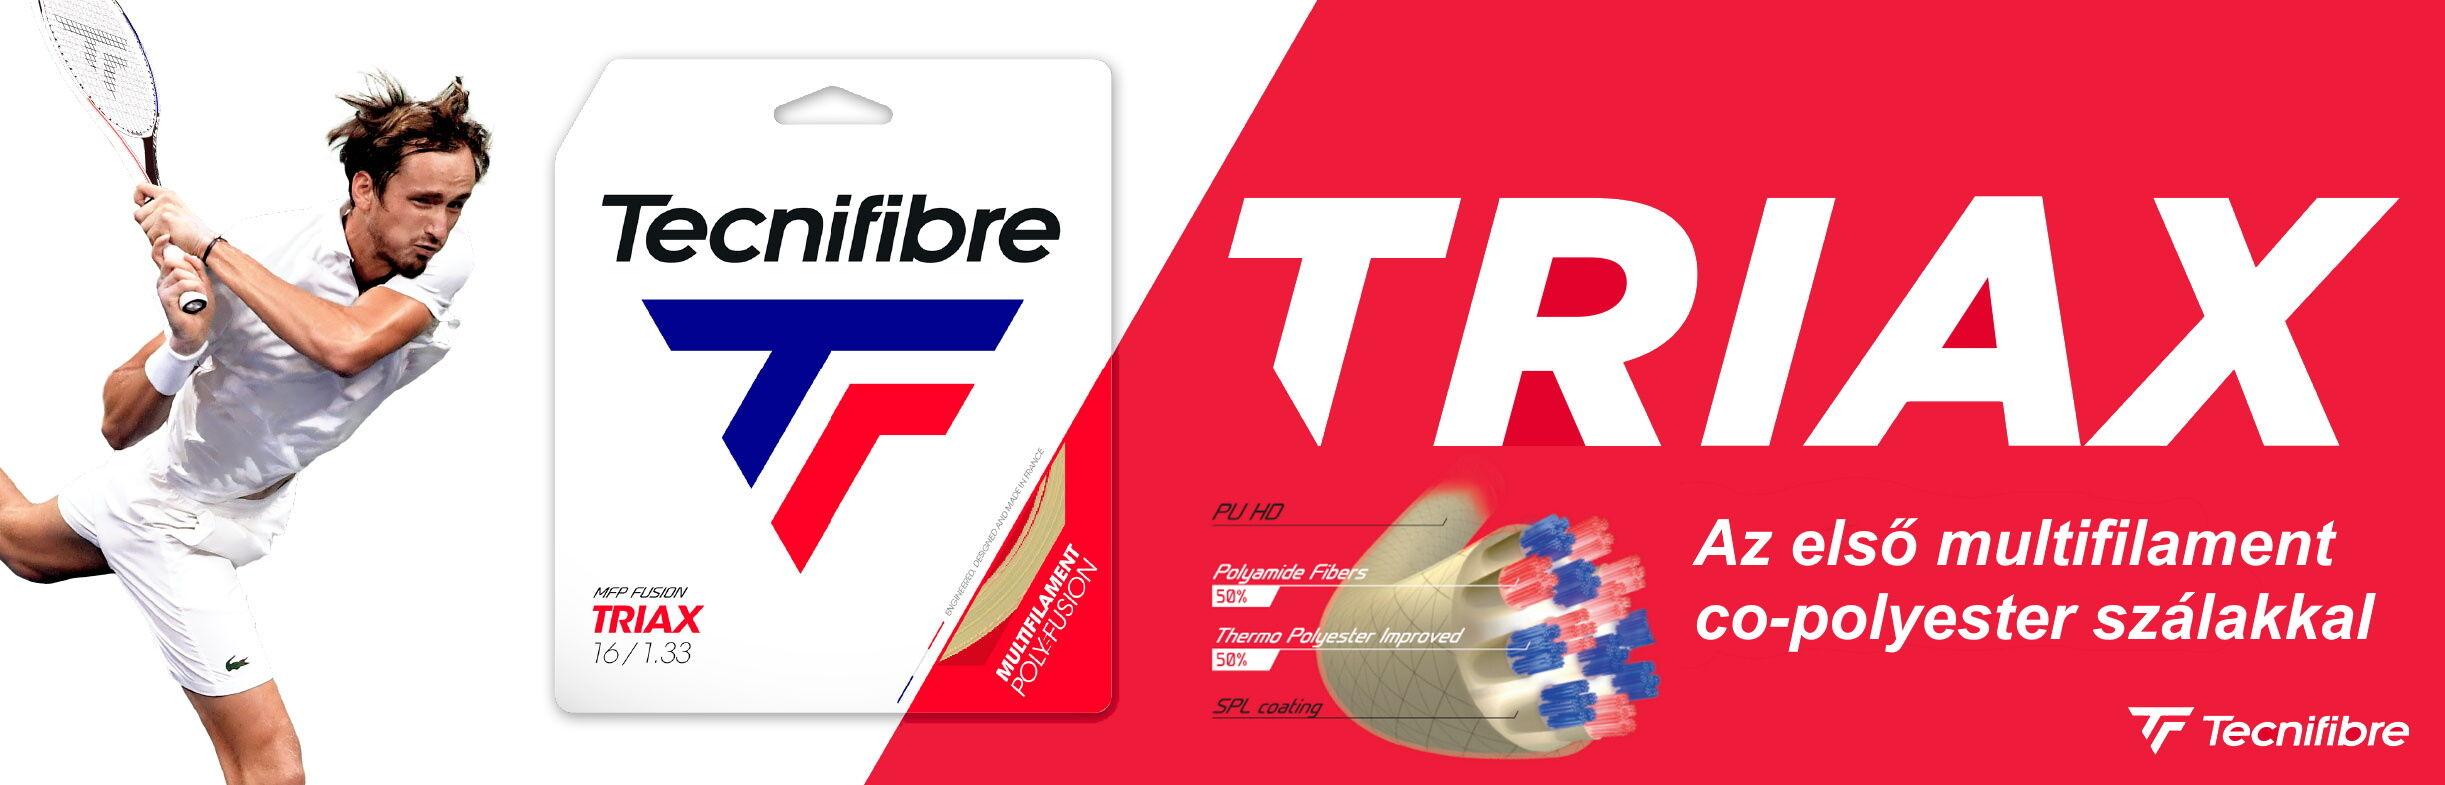 Tecnifibre Triax teniszhúr - az első multifilament co-polyester szálakkal